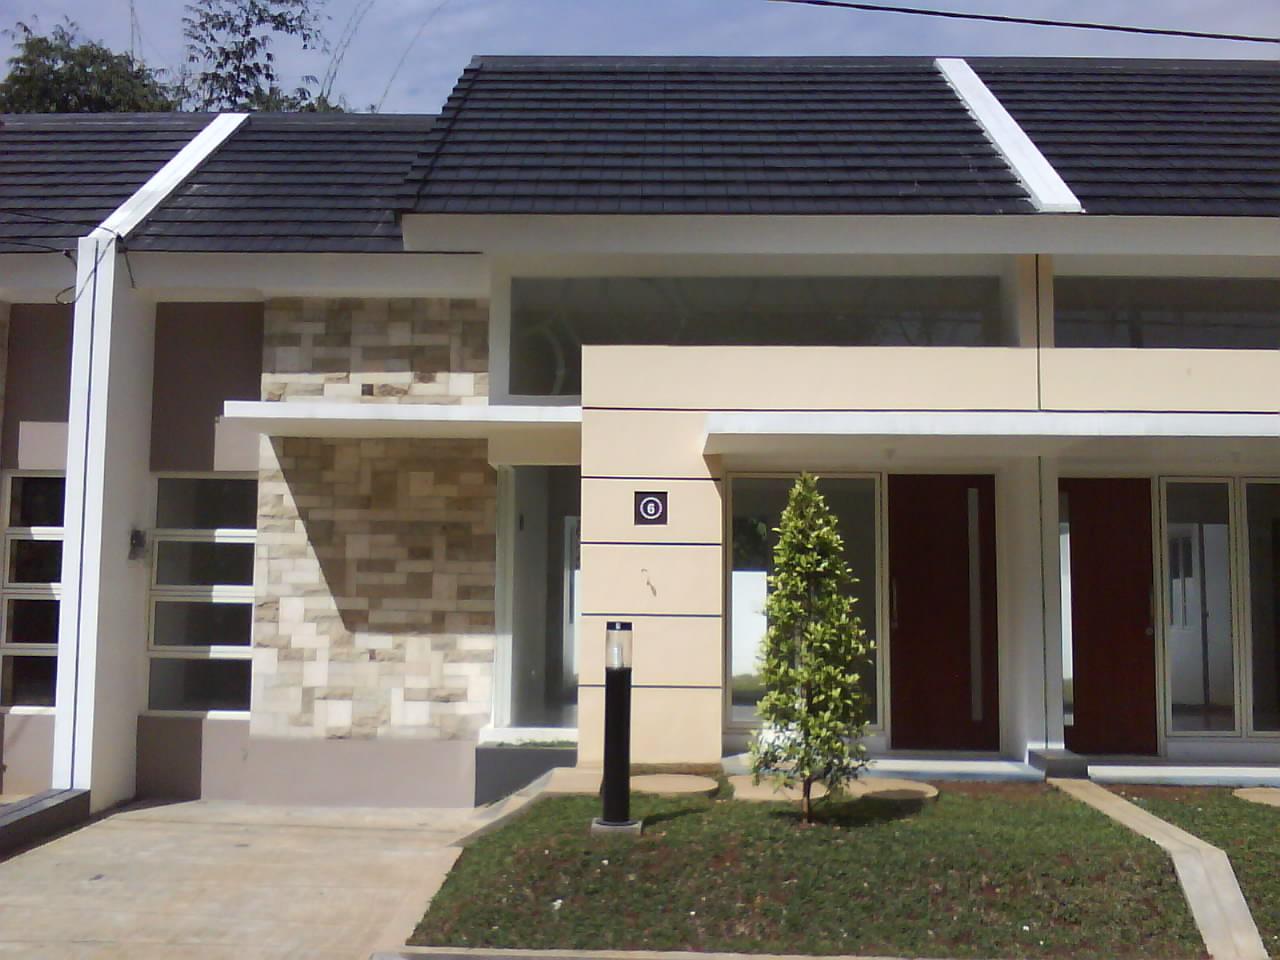 Contoh desain rumah minimalis modern berukuran kecil